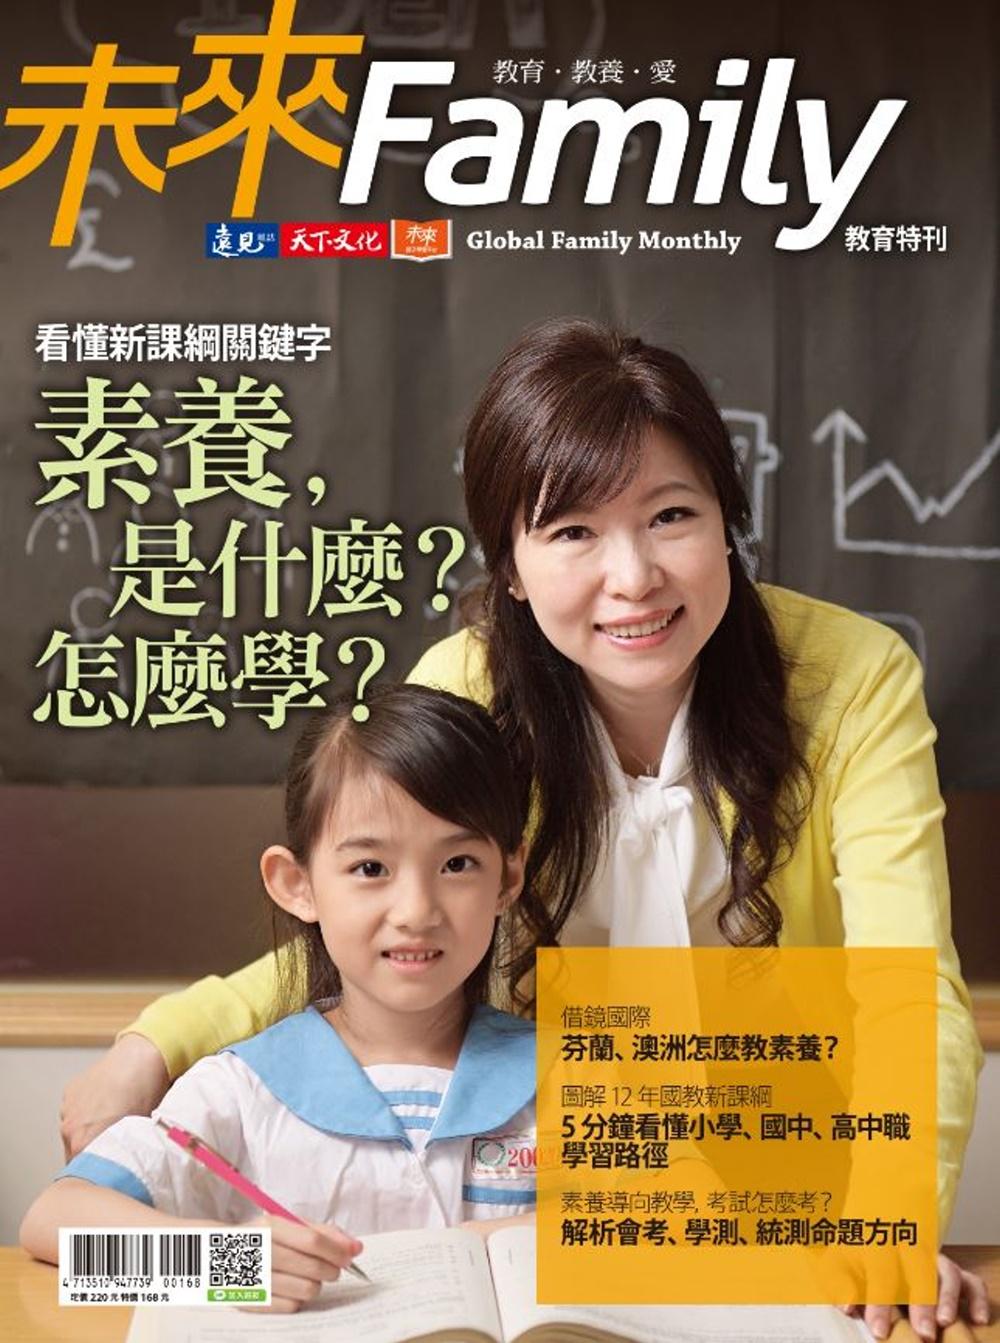 未來Family 教育特刊:看懂新課綱關鍵字